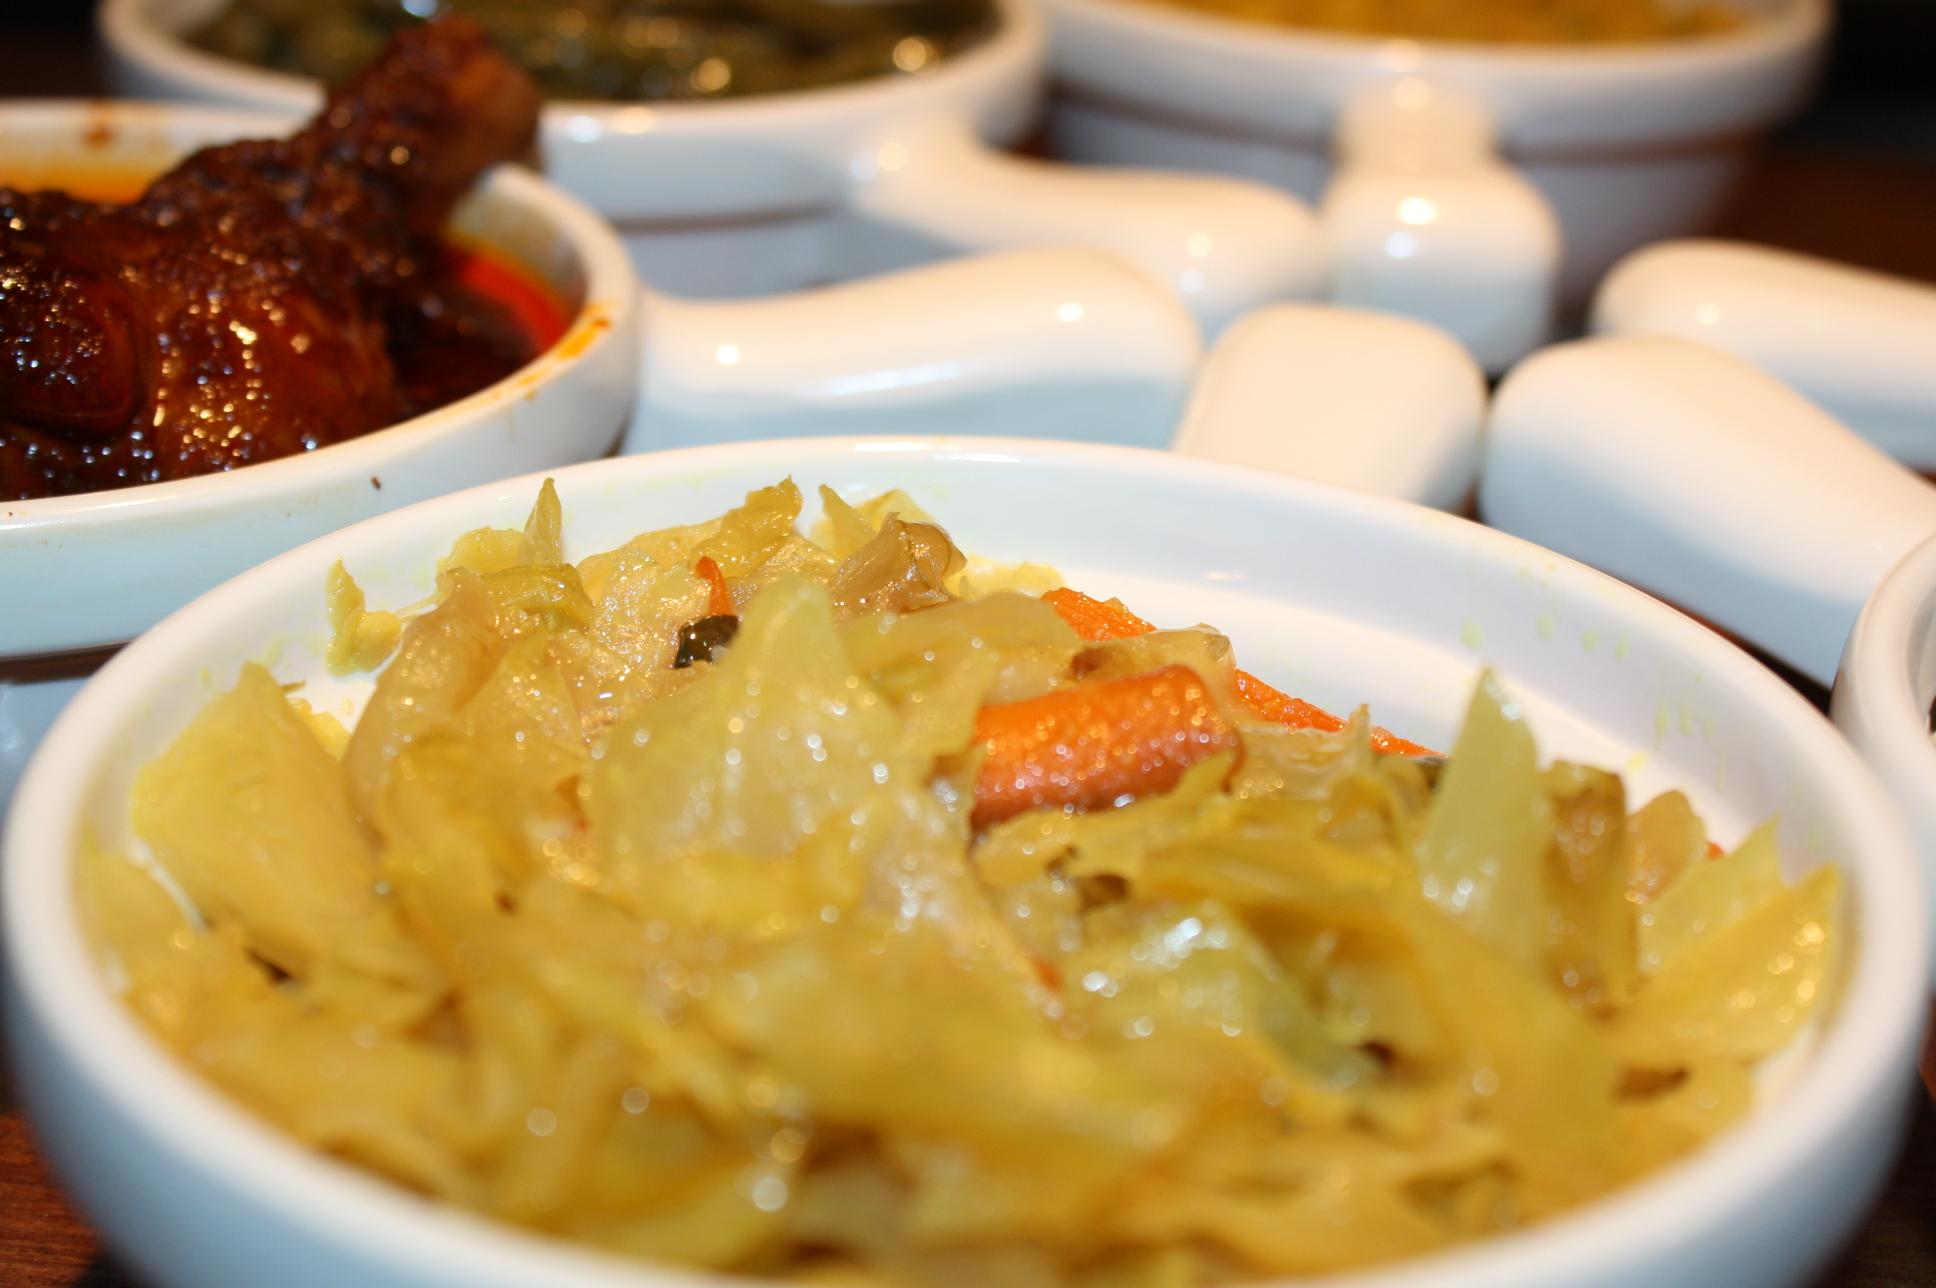 ጥቅል ጎመን Tikil Gomen Atkilt Wot ጥቅል ጎመን TiQil GoMen @ Benyam Ethiopian Cuisine